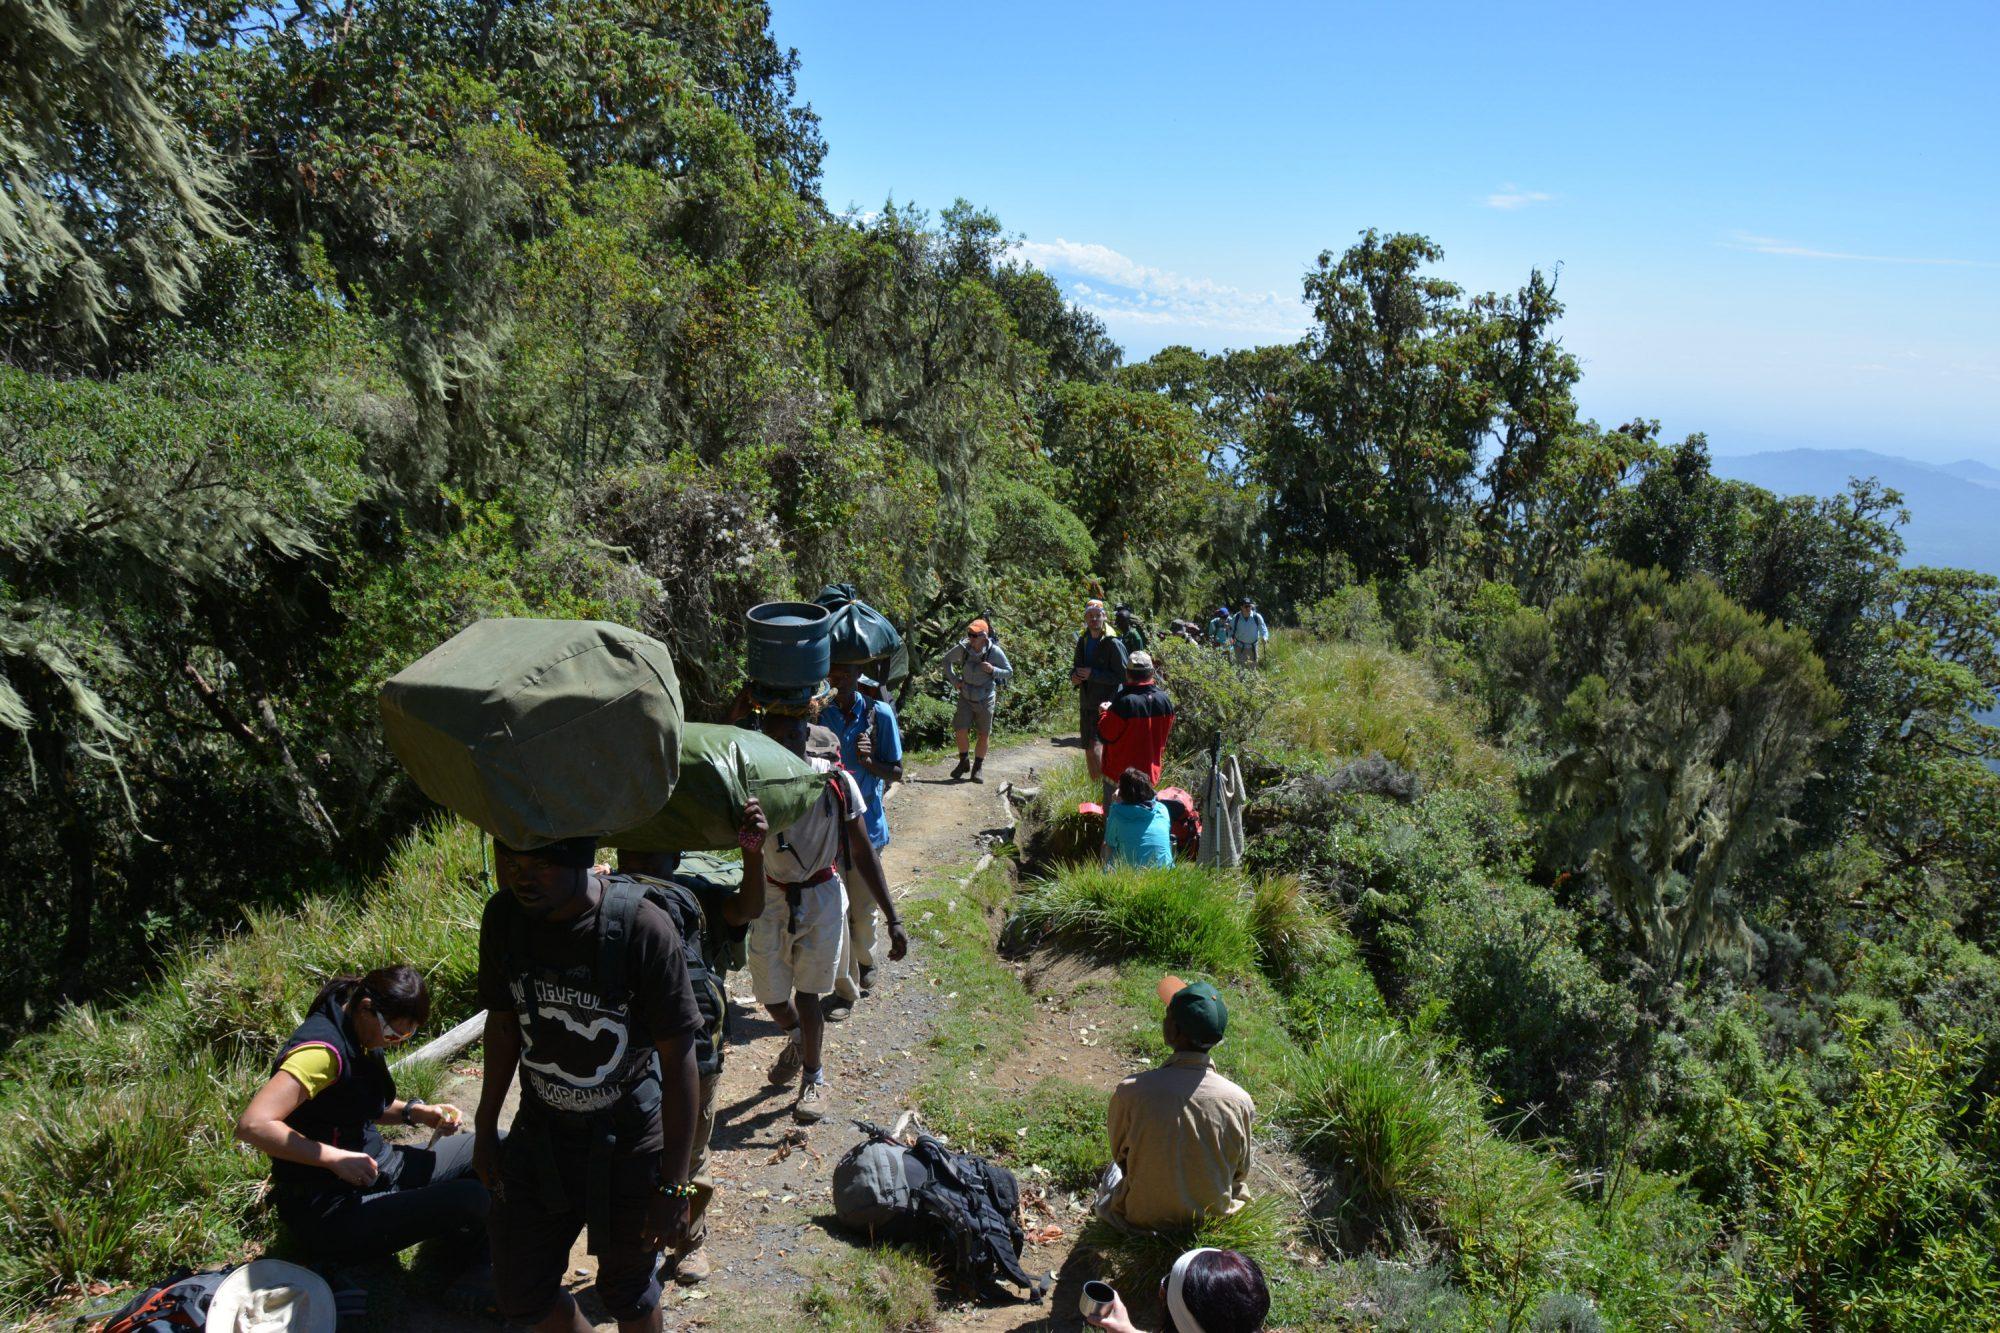 Träger am Mount Meru, Tansania, Afrika